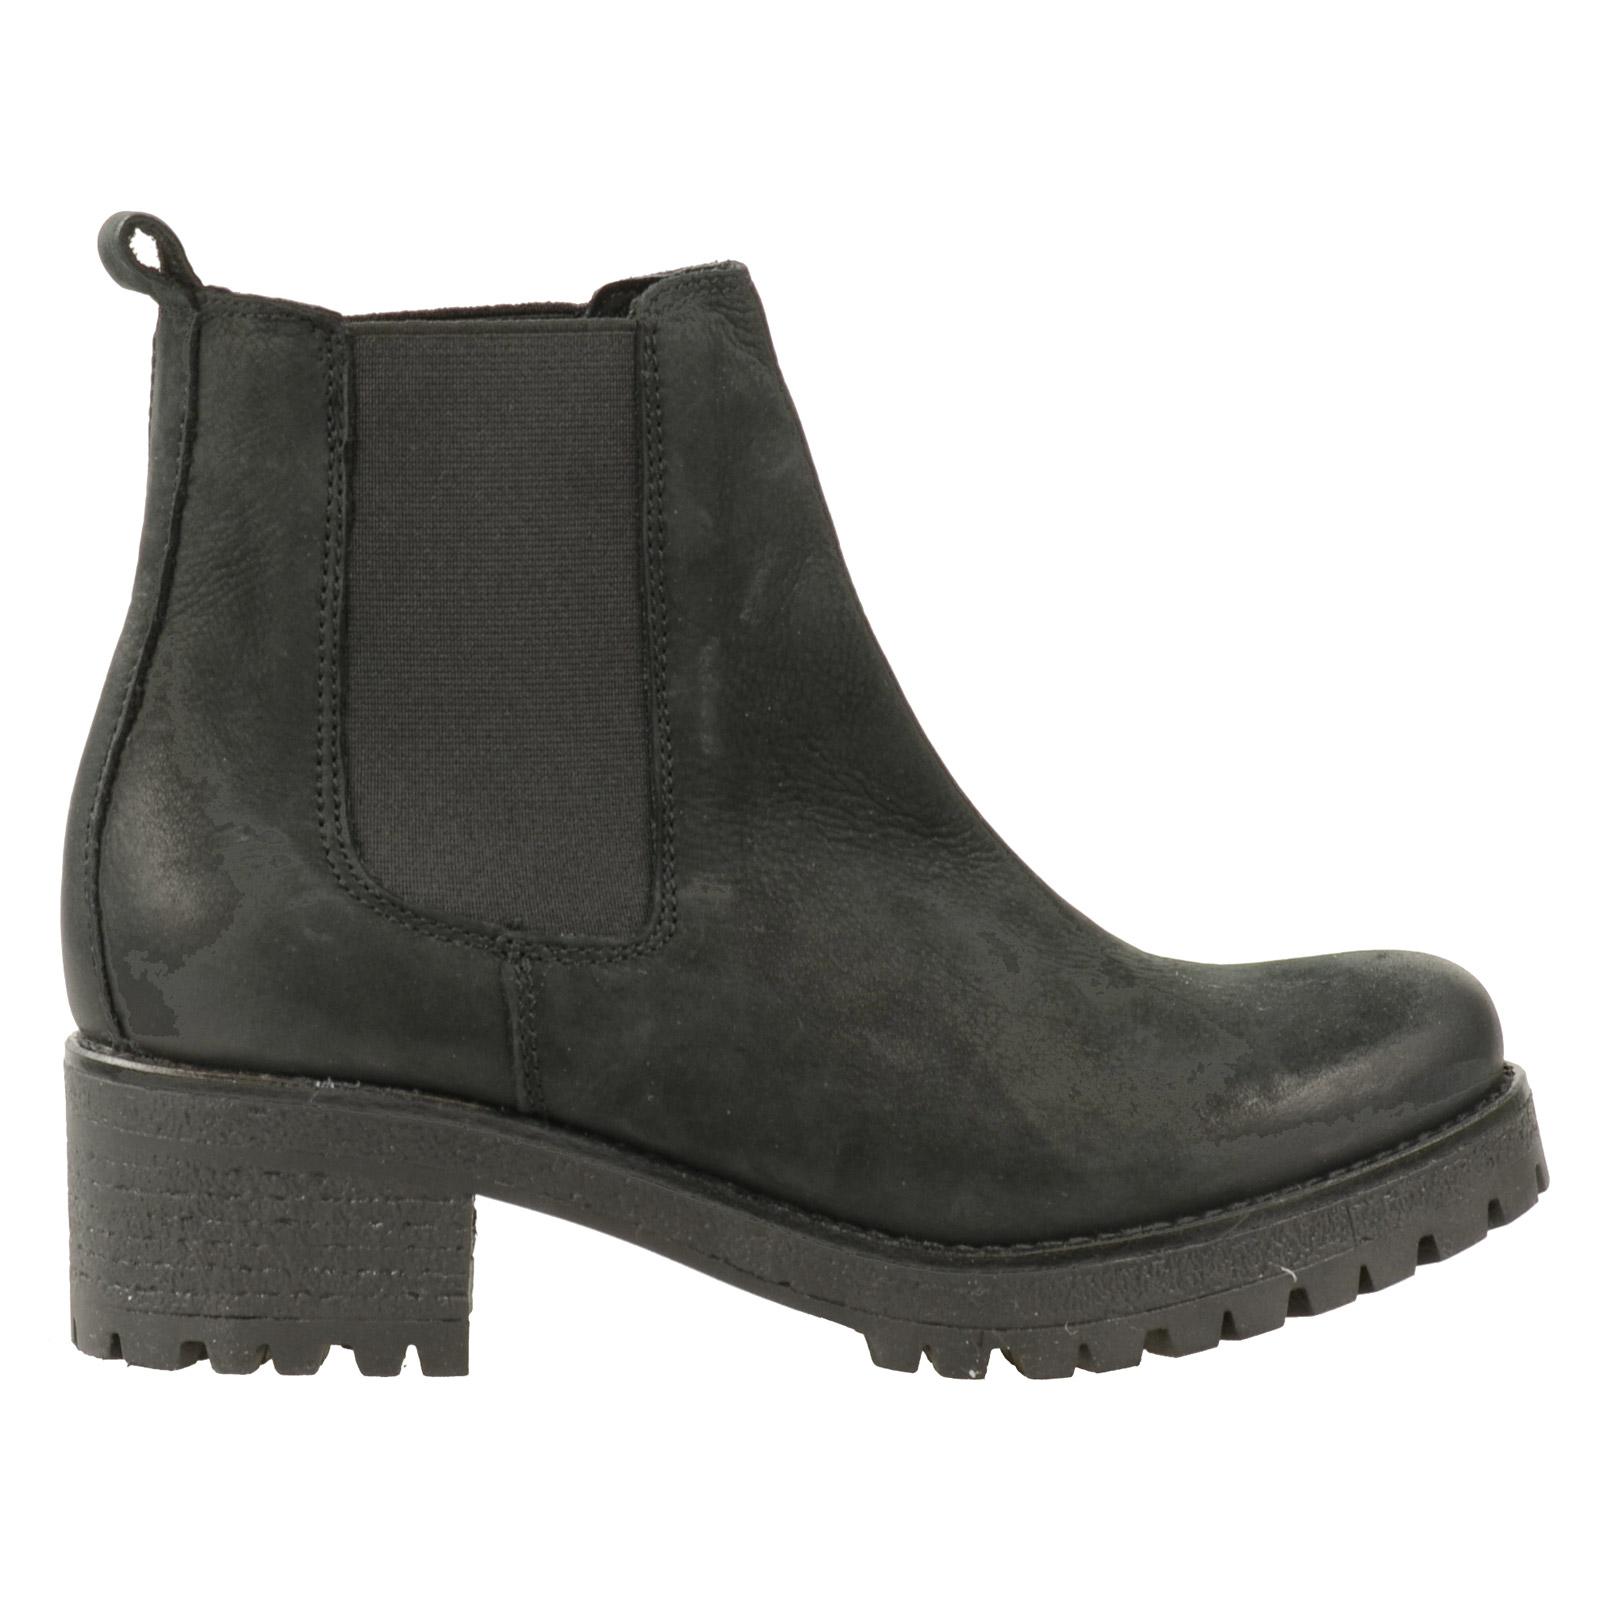 chelsea boots mit klobiger sohle. Black Bedroom Furniture Sets. Home Design Ideas